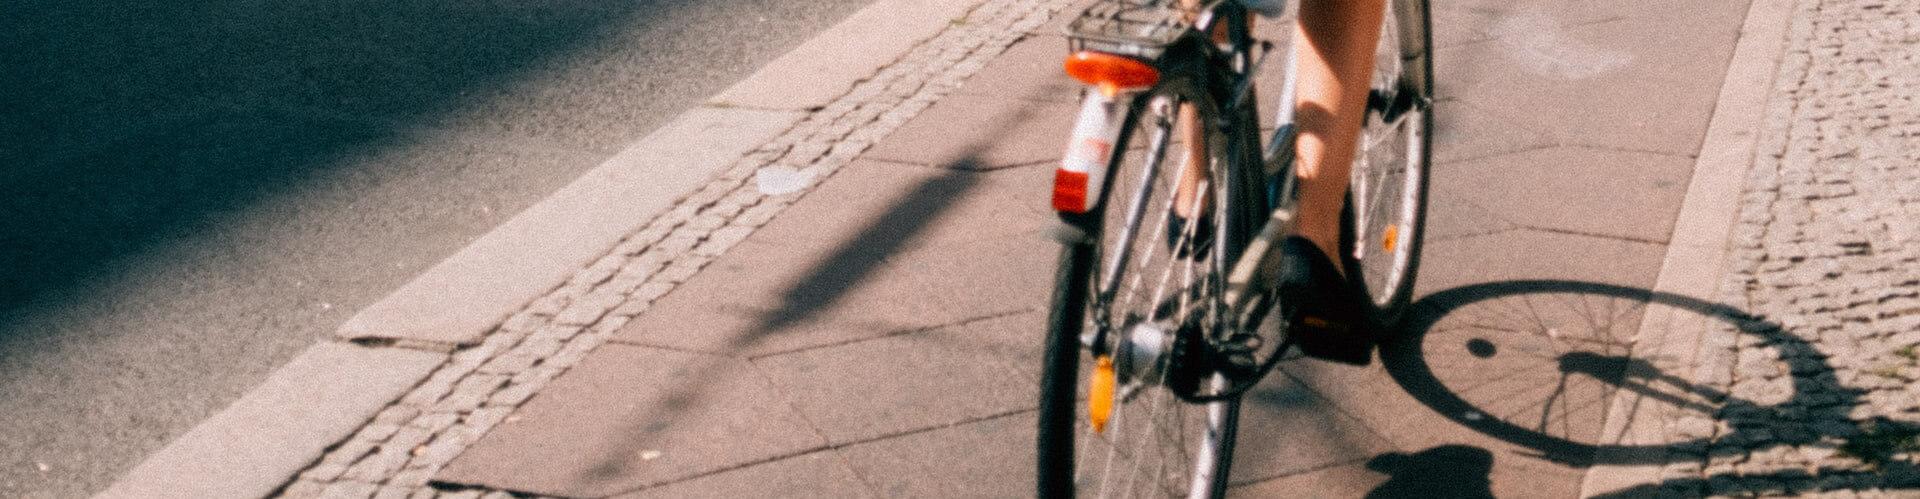 Gemeente aansprakelijk voor eenzijdig fietsongeval door putdeksel | LetselPro